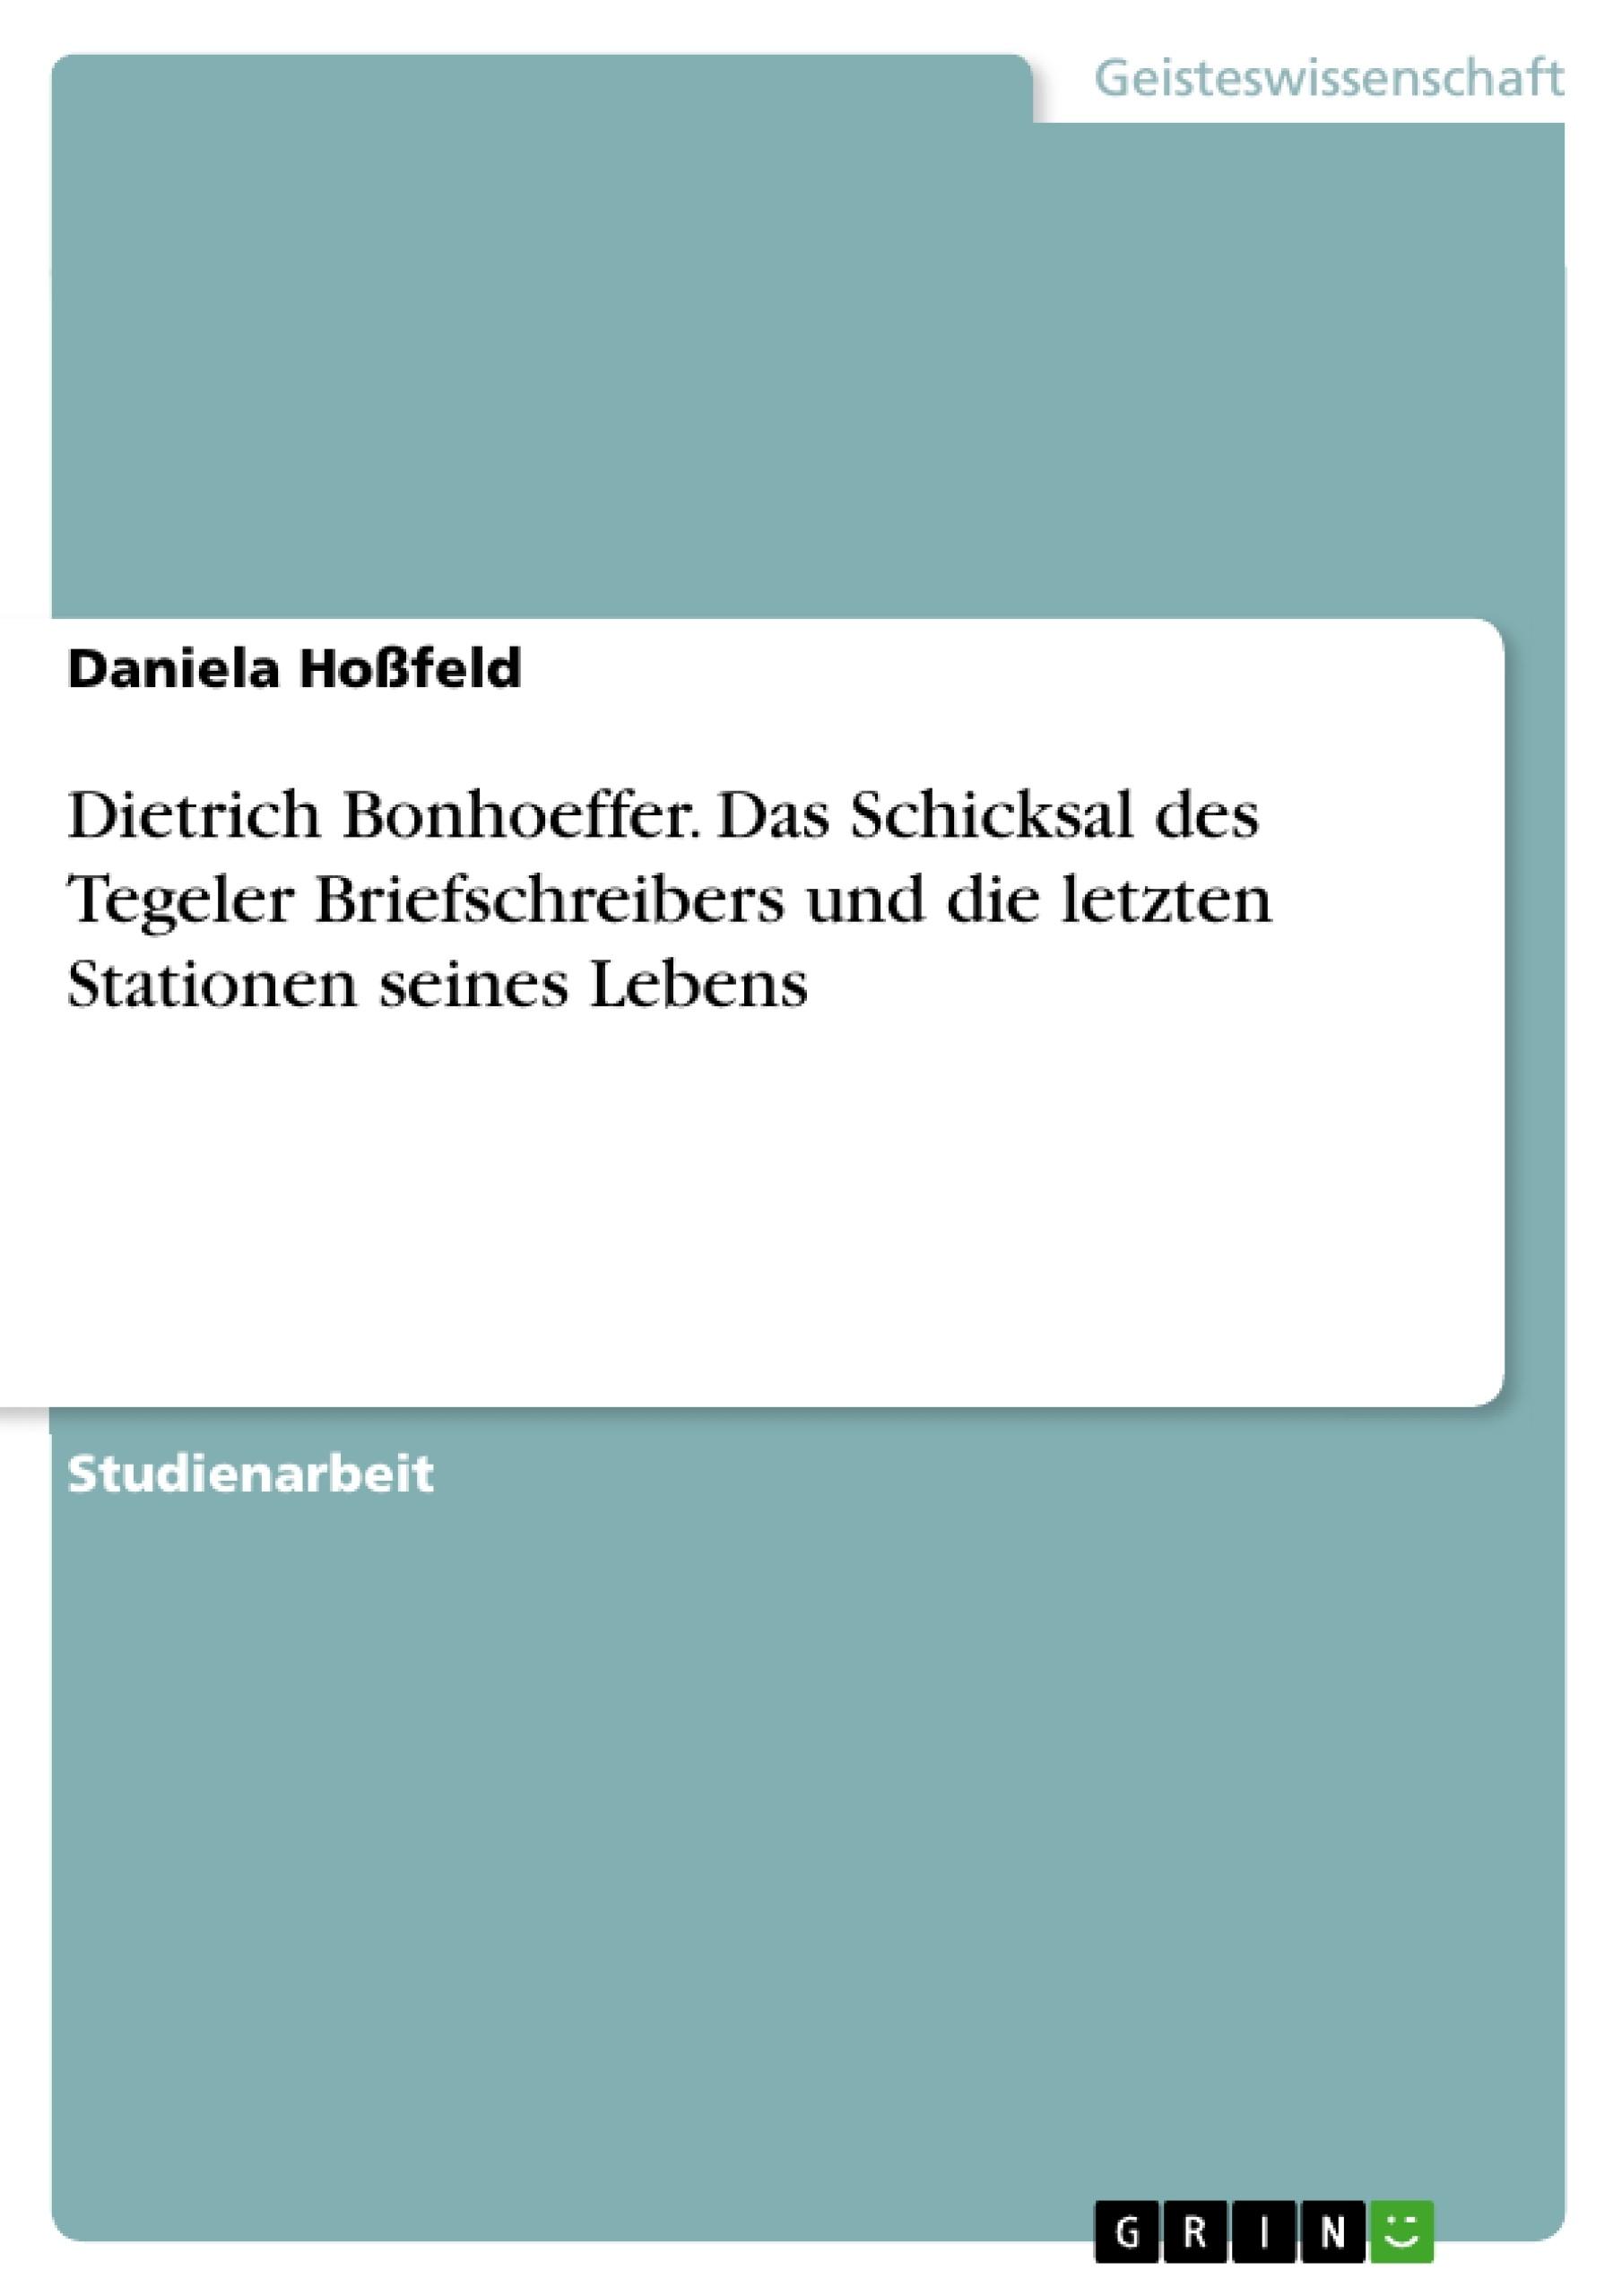 Titel: Dietrich Bonhoeffer. Das Schicksal des Tegeler Briefschreibers und die letzten Stationen seines Lebens